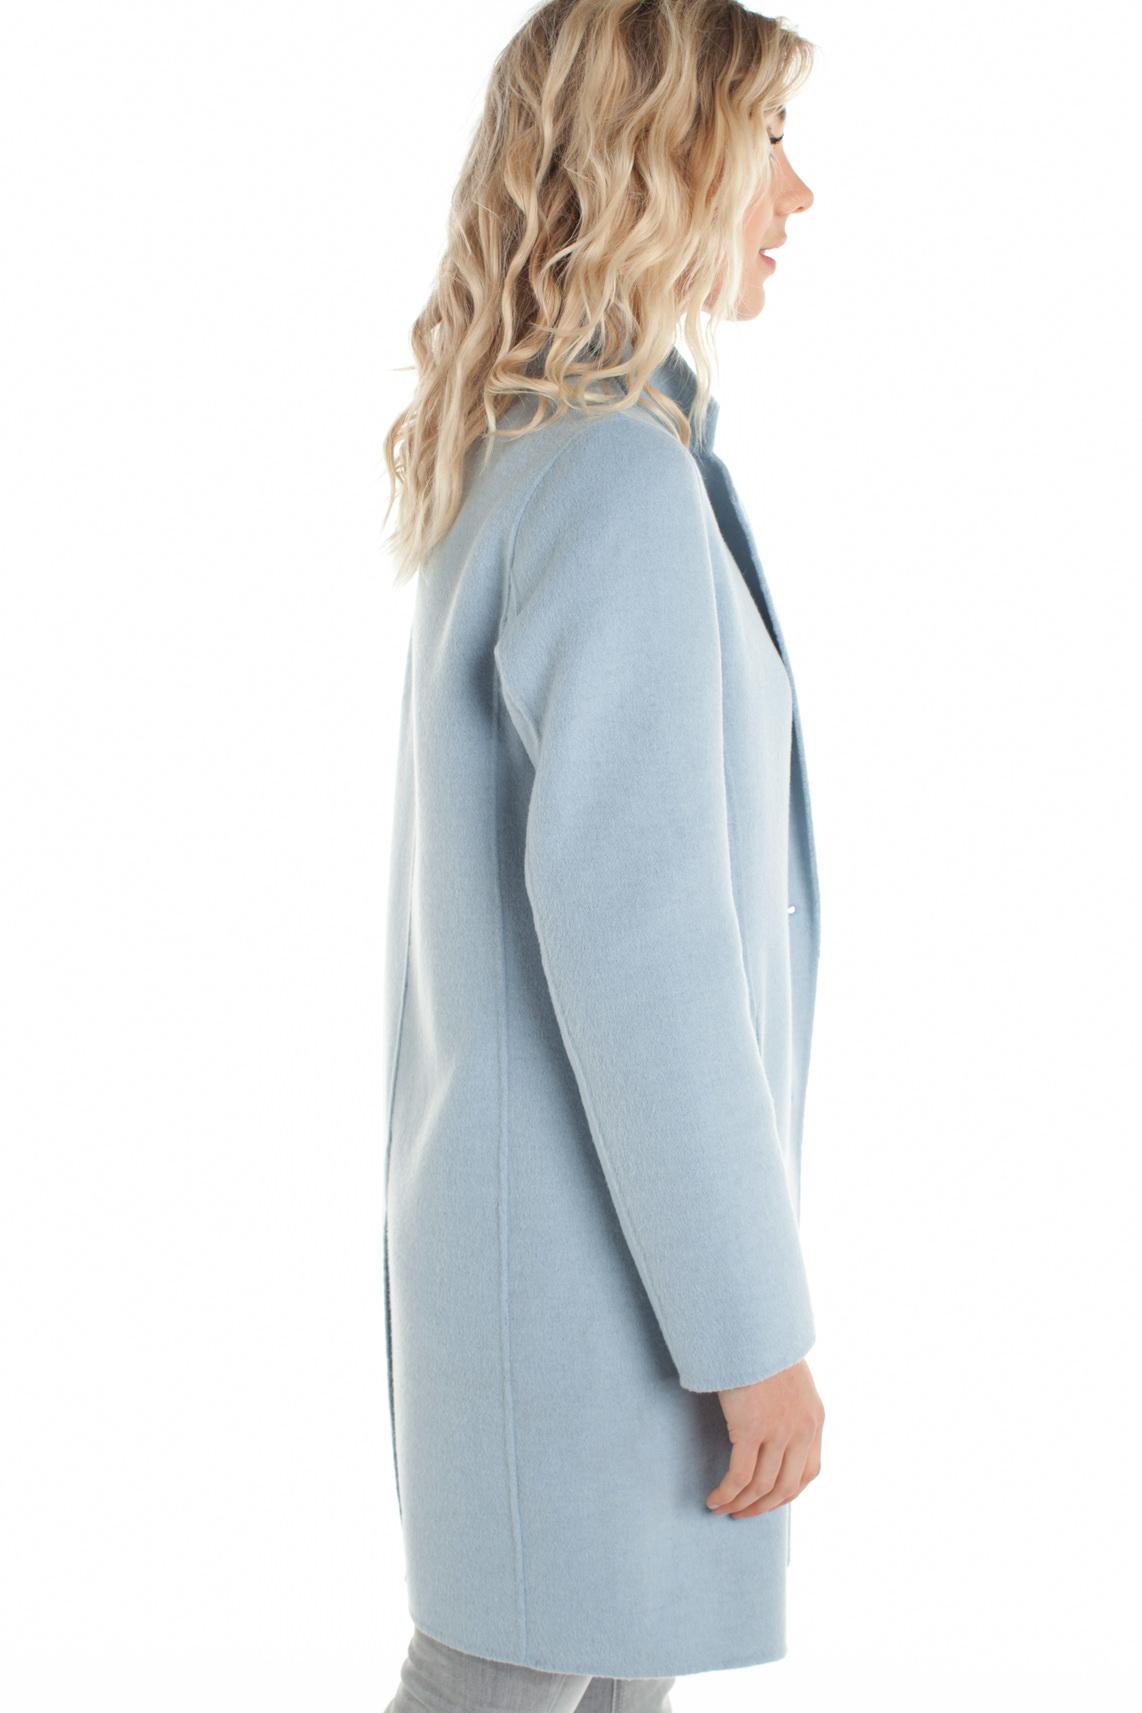 Goede Beaumont Dames Lange wolmix mantel Blauw | Jassenboutique WU-16